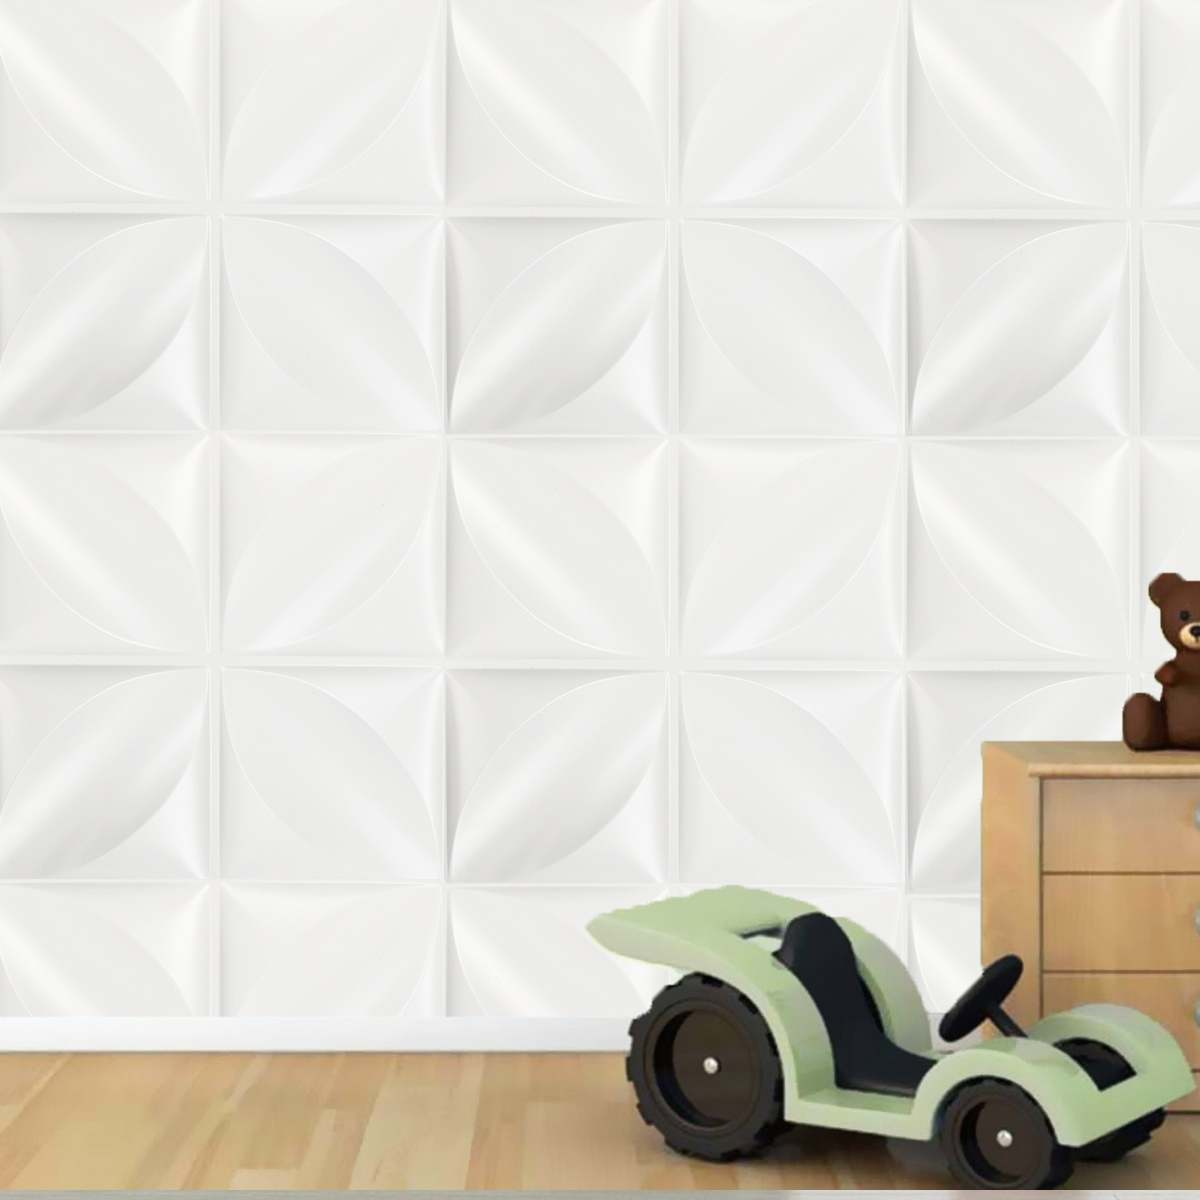 32 pieds carrés 12 Pcs Panneau Mural DIY Fond À Peindre Couverture Autocollant Stickers Muraux 3D Diamant Motif De Mariage Décoration Cuisine 50x50